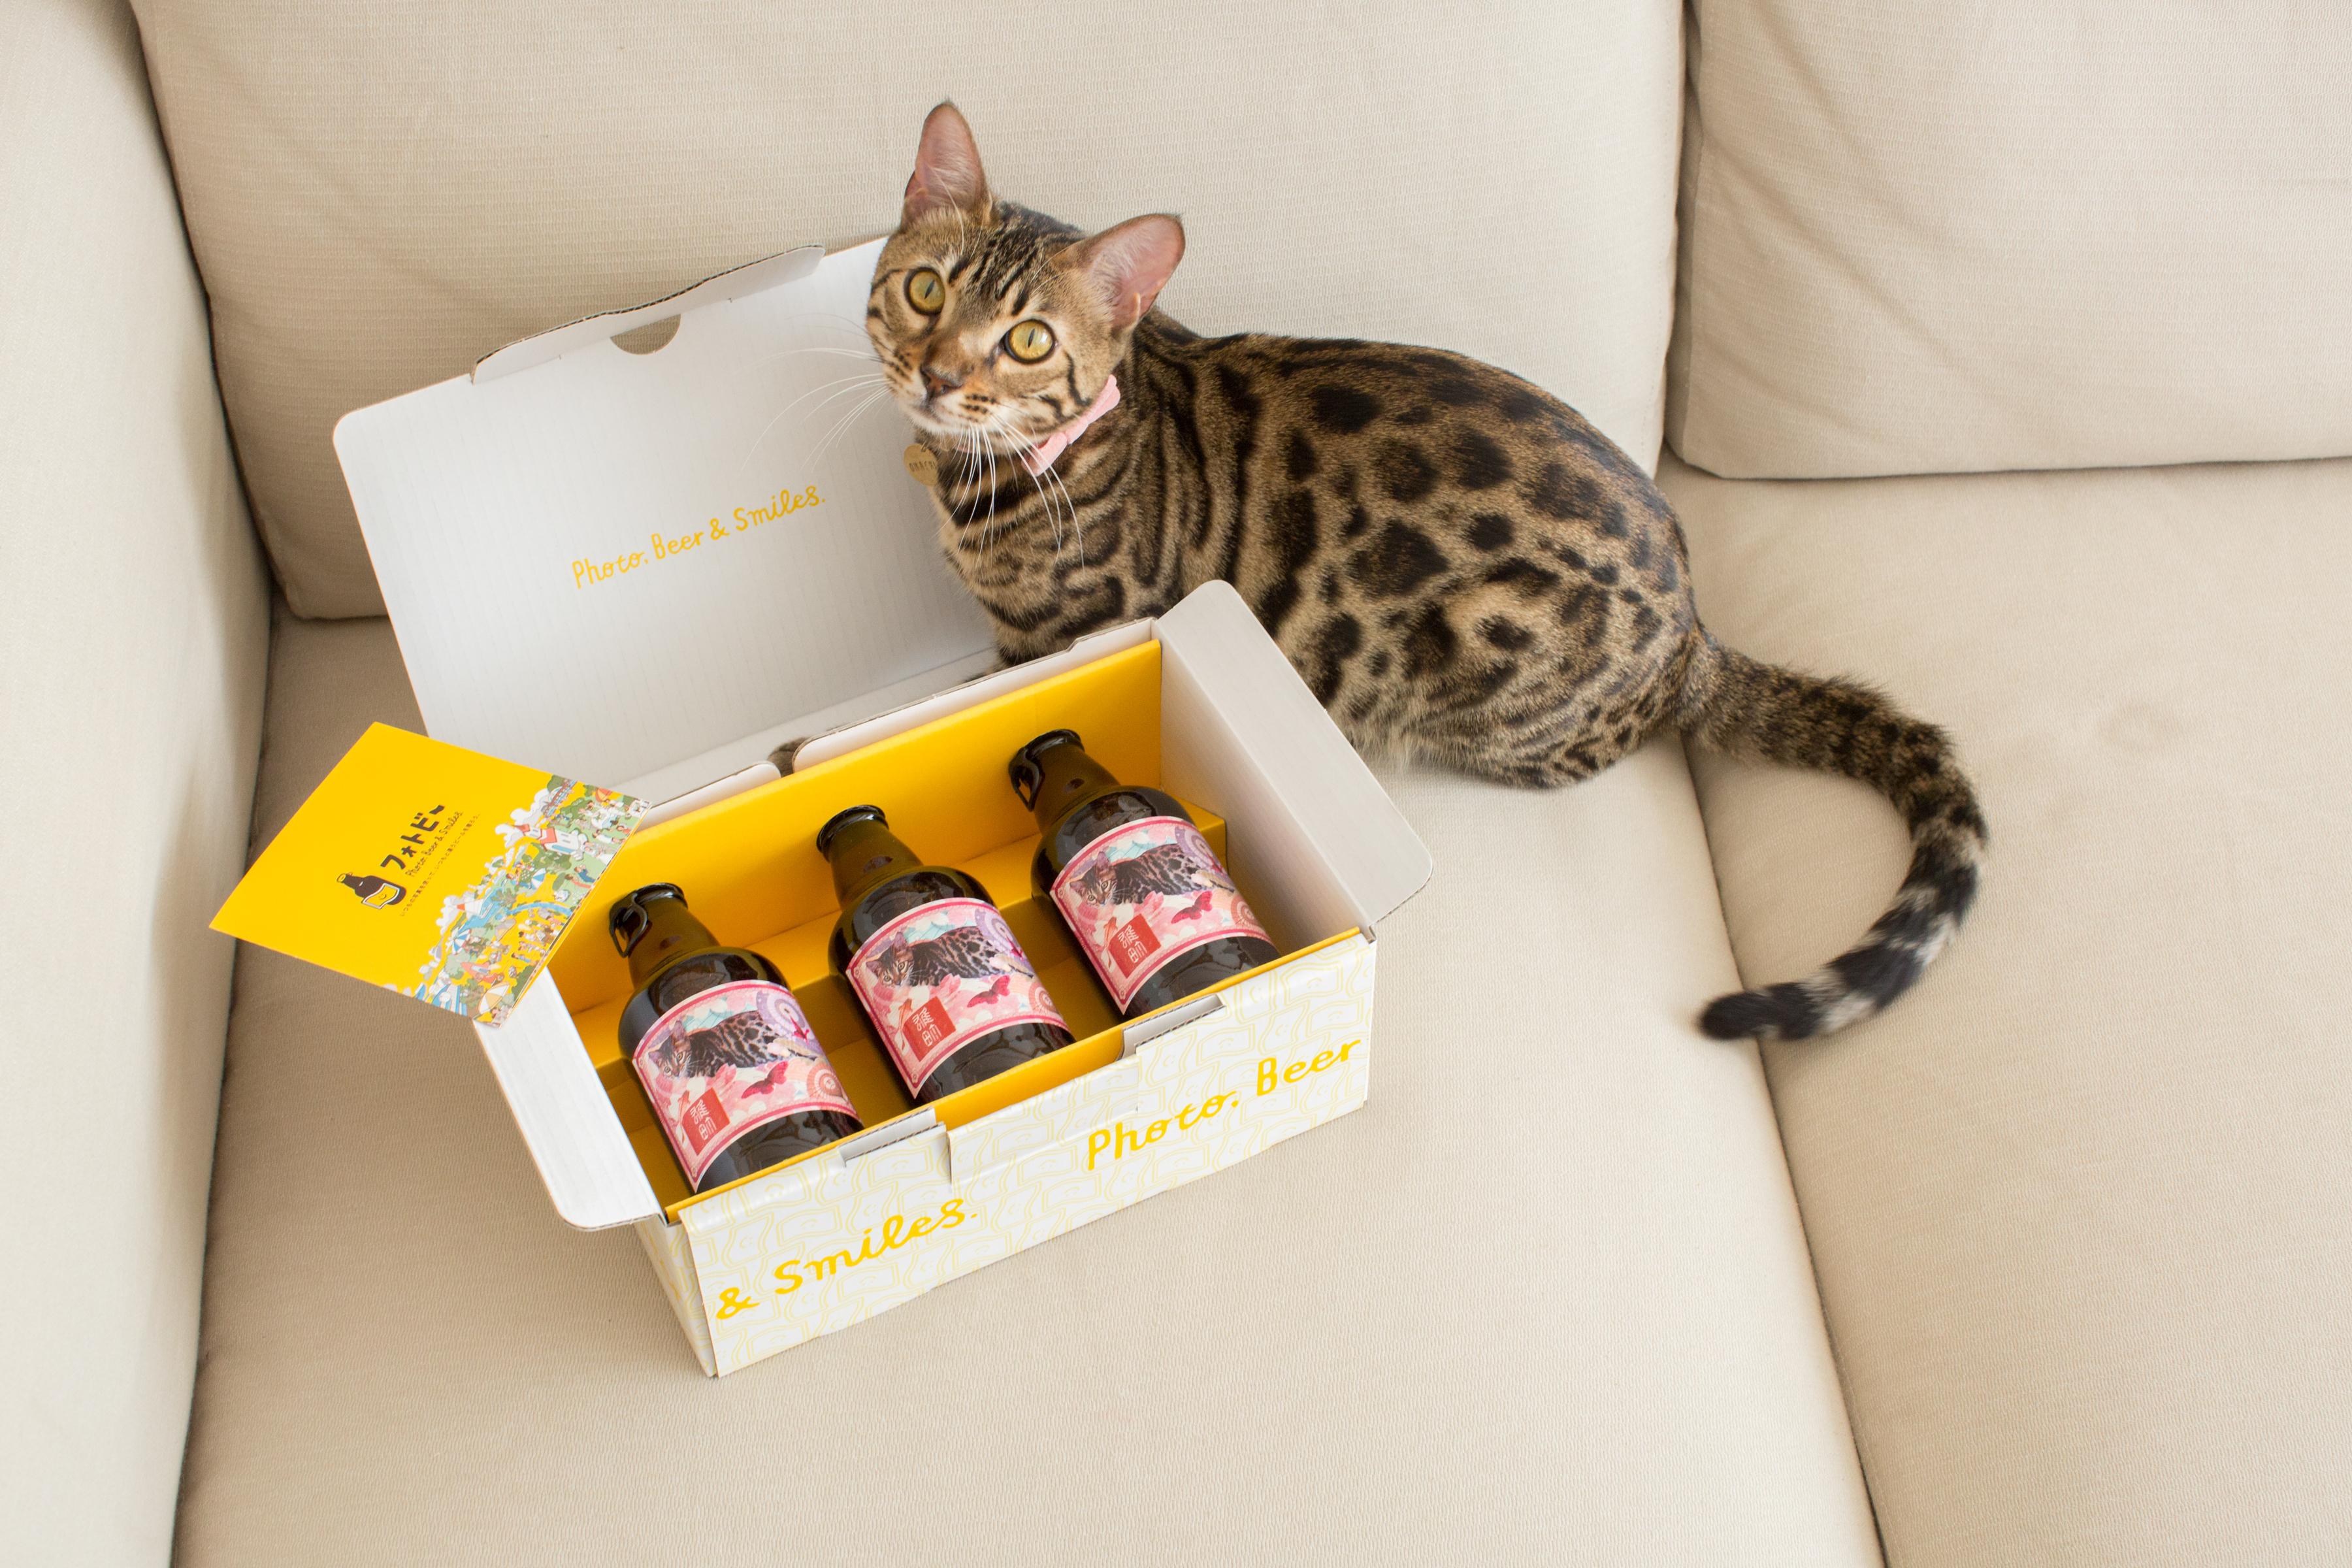 猫ちゃんもワンちゃんも大集合!「#うちの子フォトビー届いた」 インスタグラム投稿キャンペーン開催!